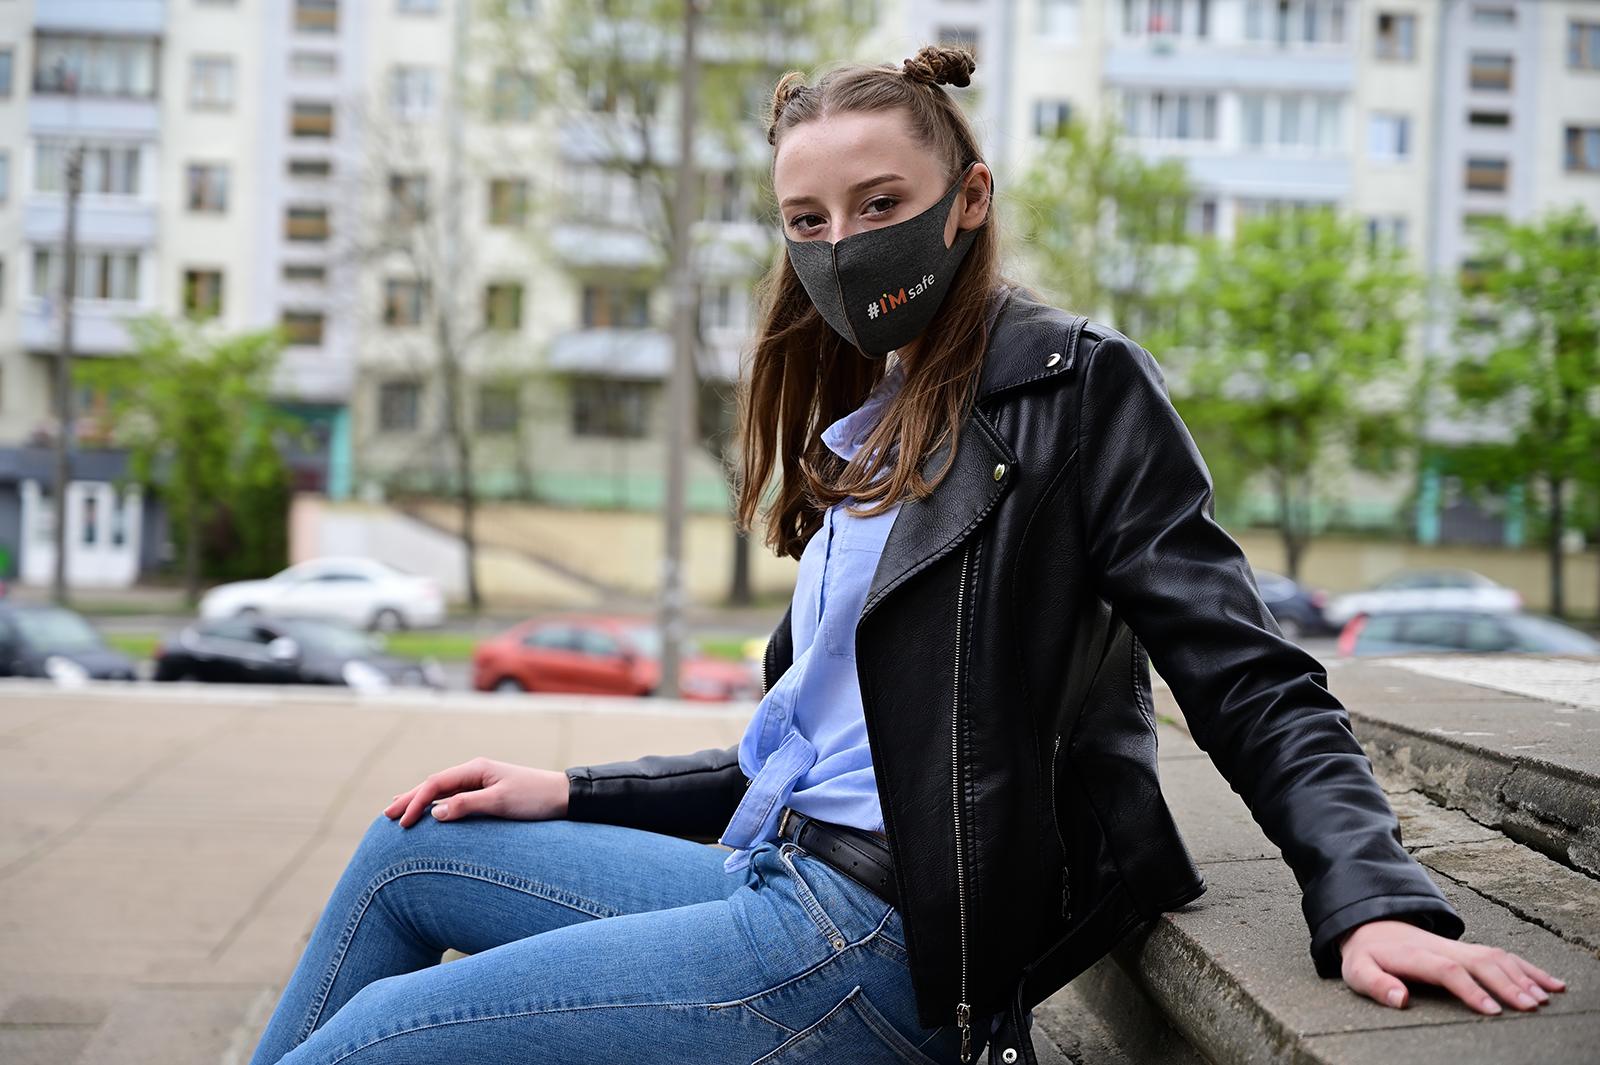 マスクで崩れにくくするためのポイント/Photo by Viachaslau Govorkov